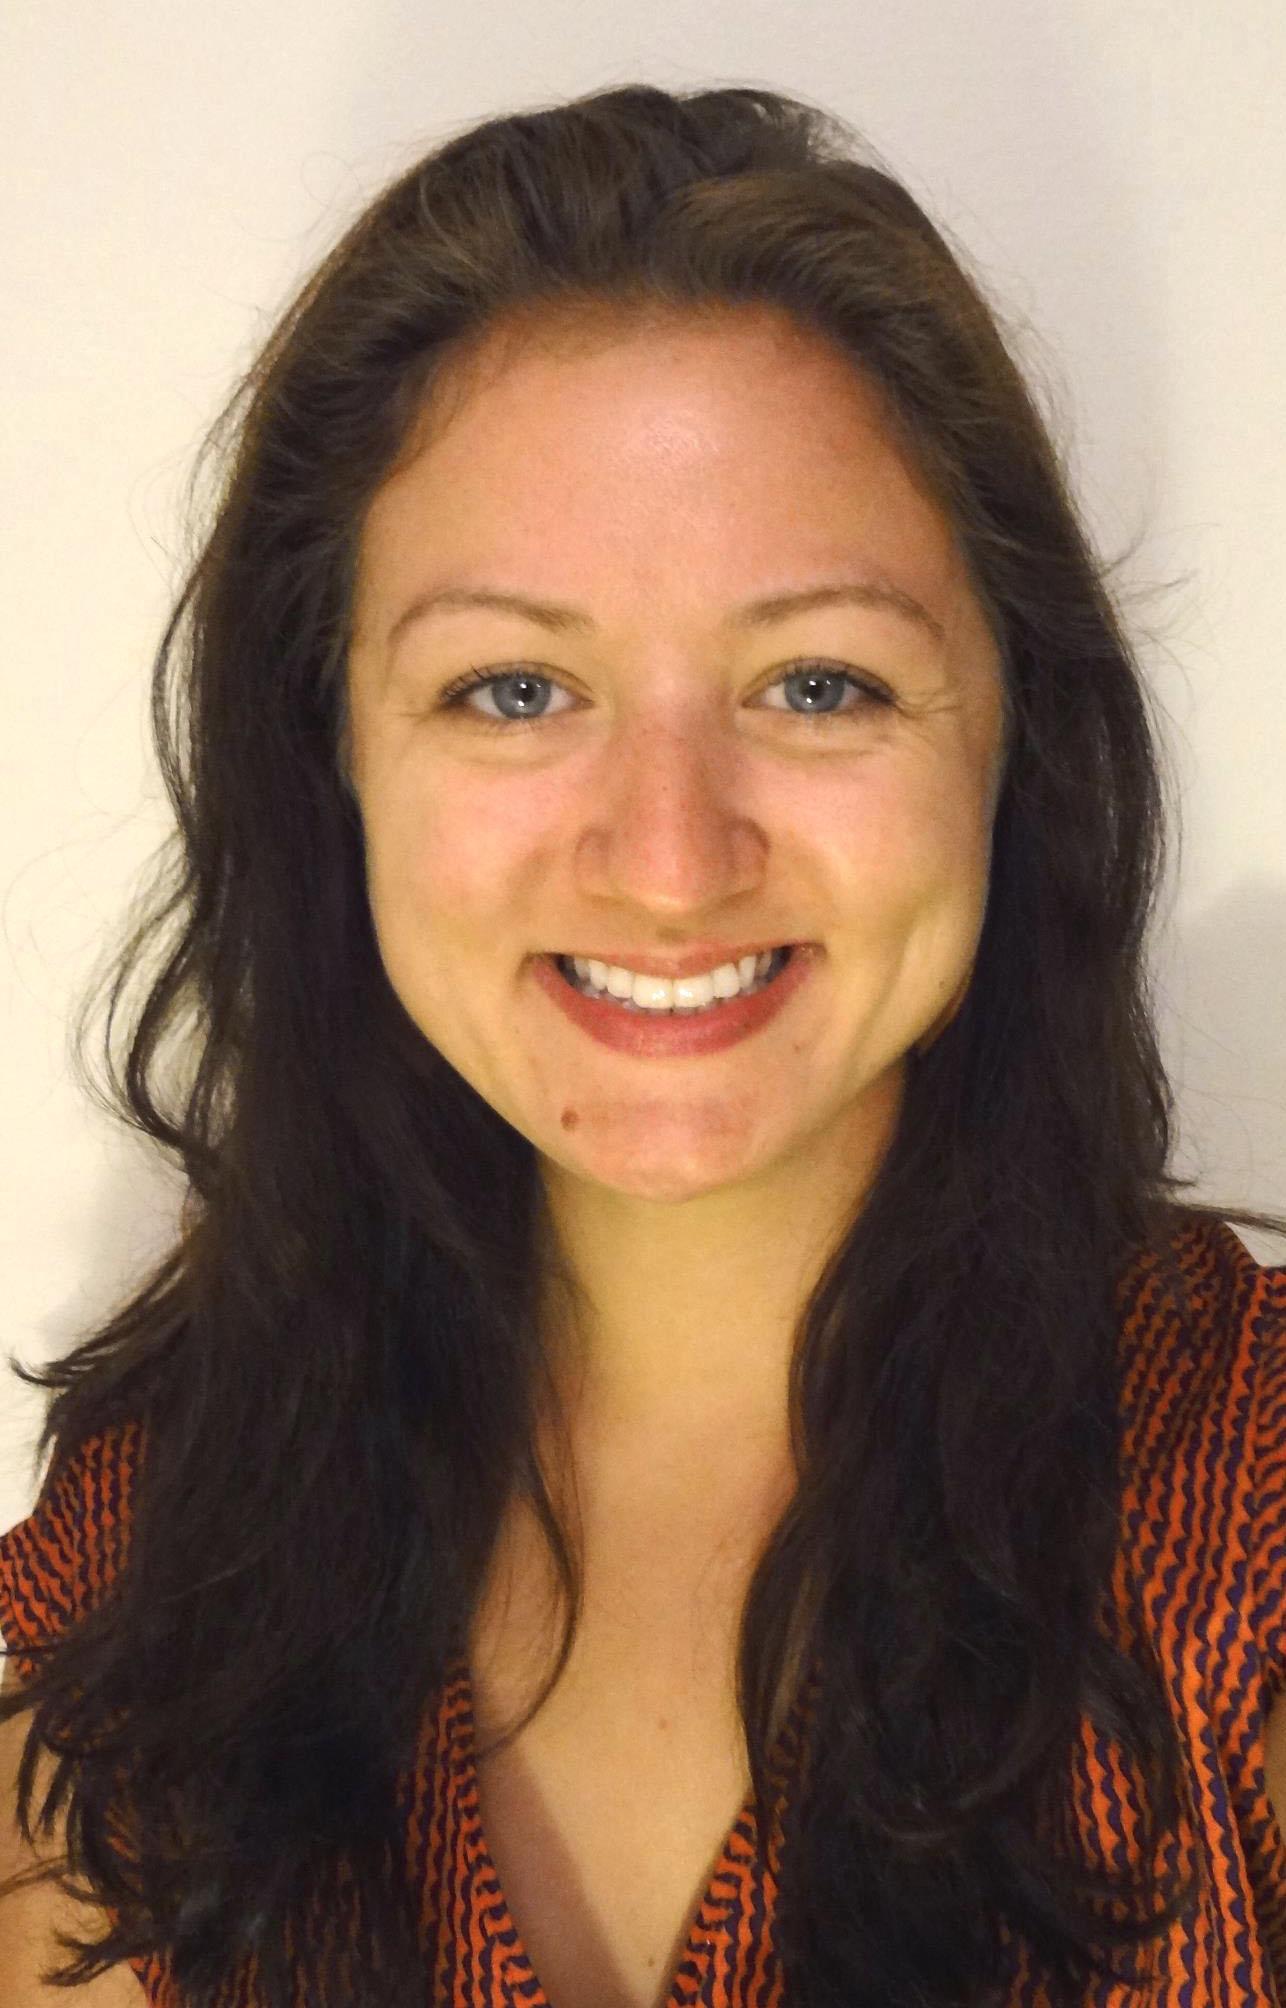 Rita Wachtler